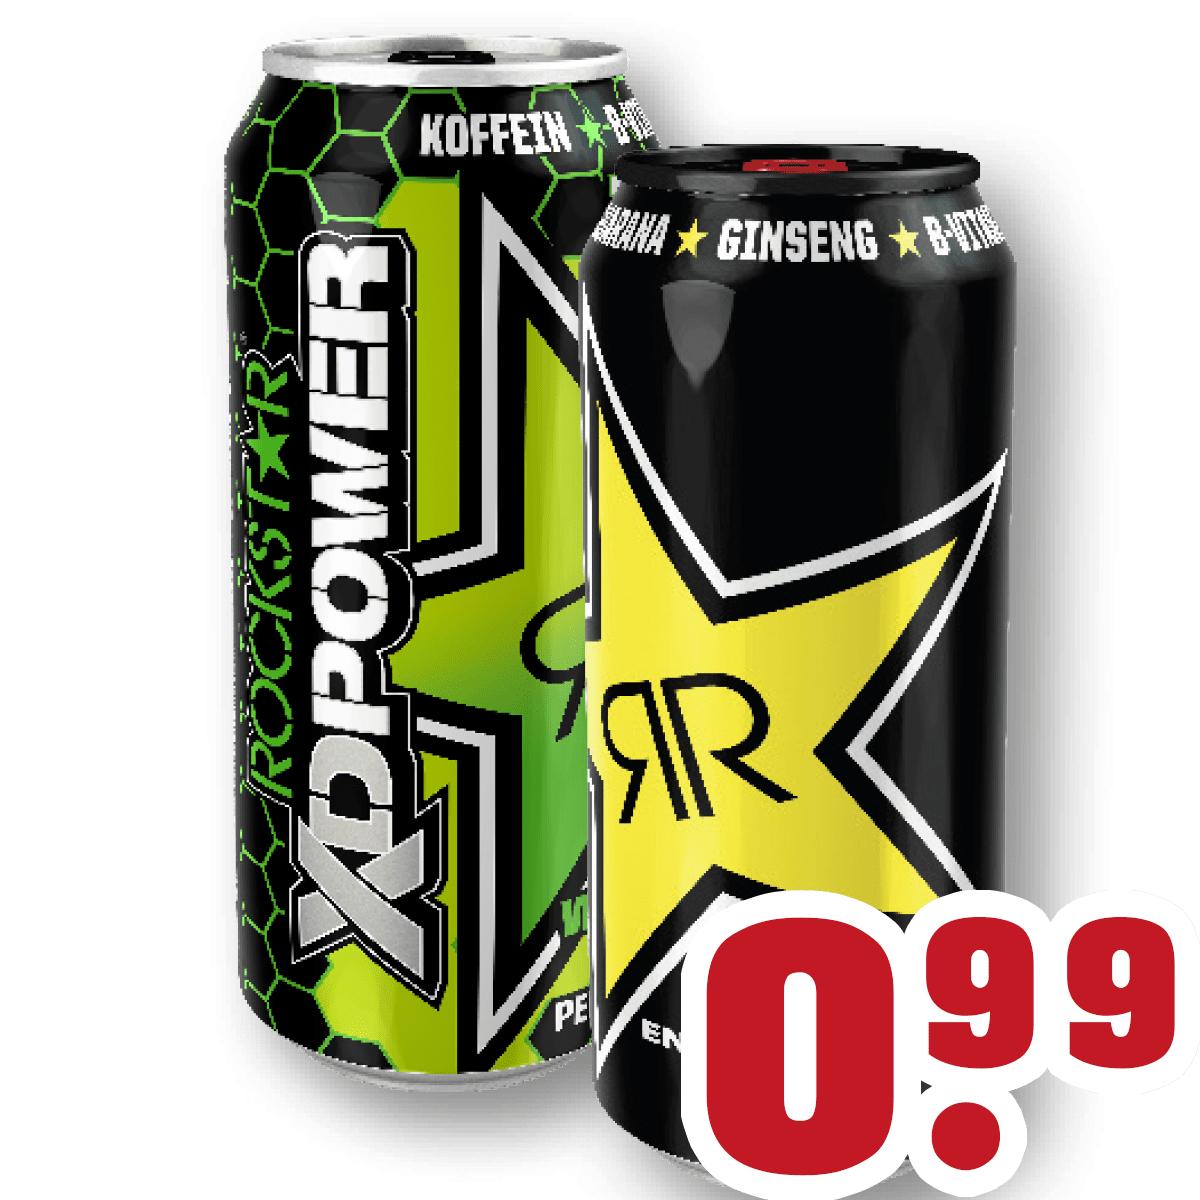 Trinkgut NRW - Rockstar Energy Drink (verschiedene Sorten) - 0,5 L für 0,99 € (zzgl. Pfand)